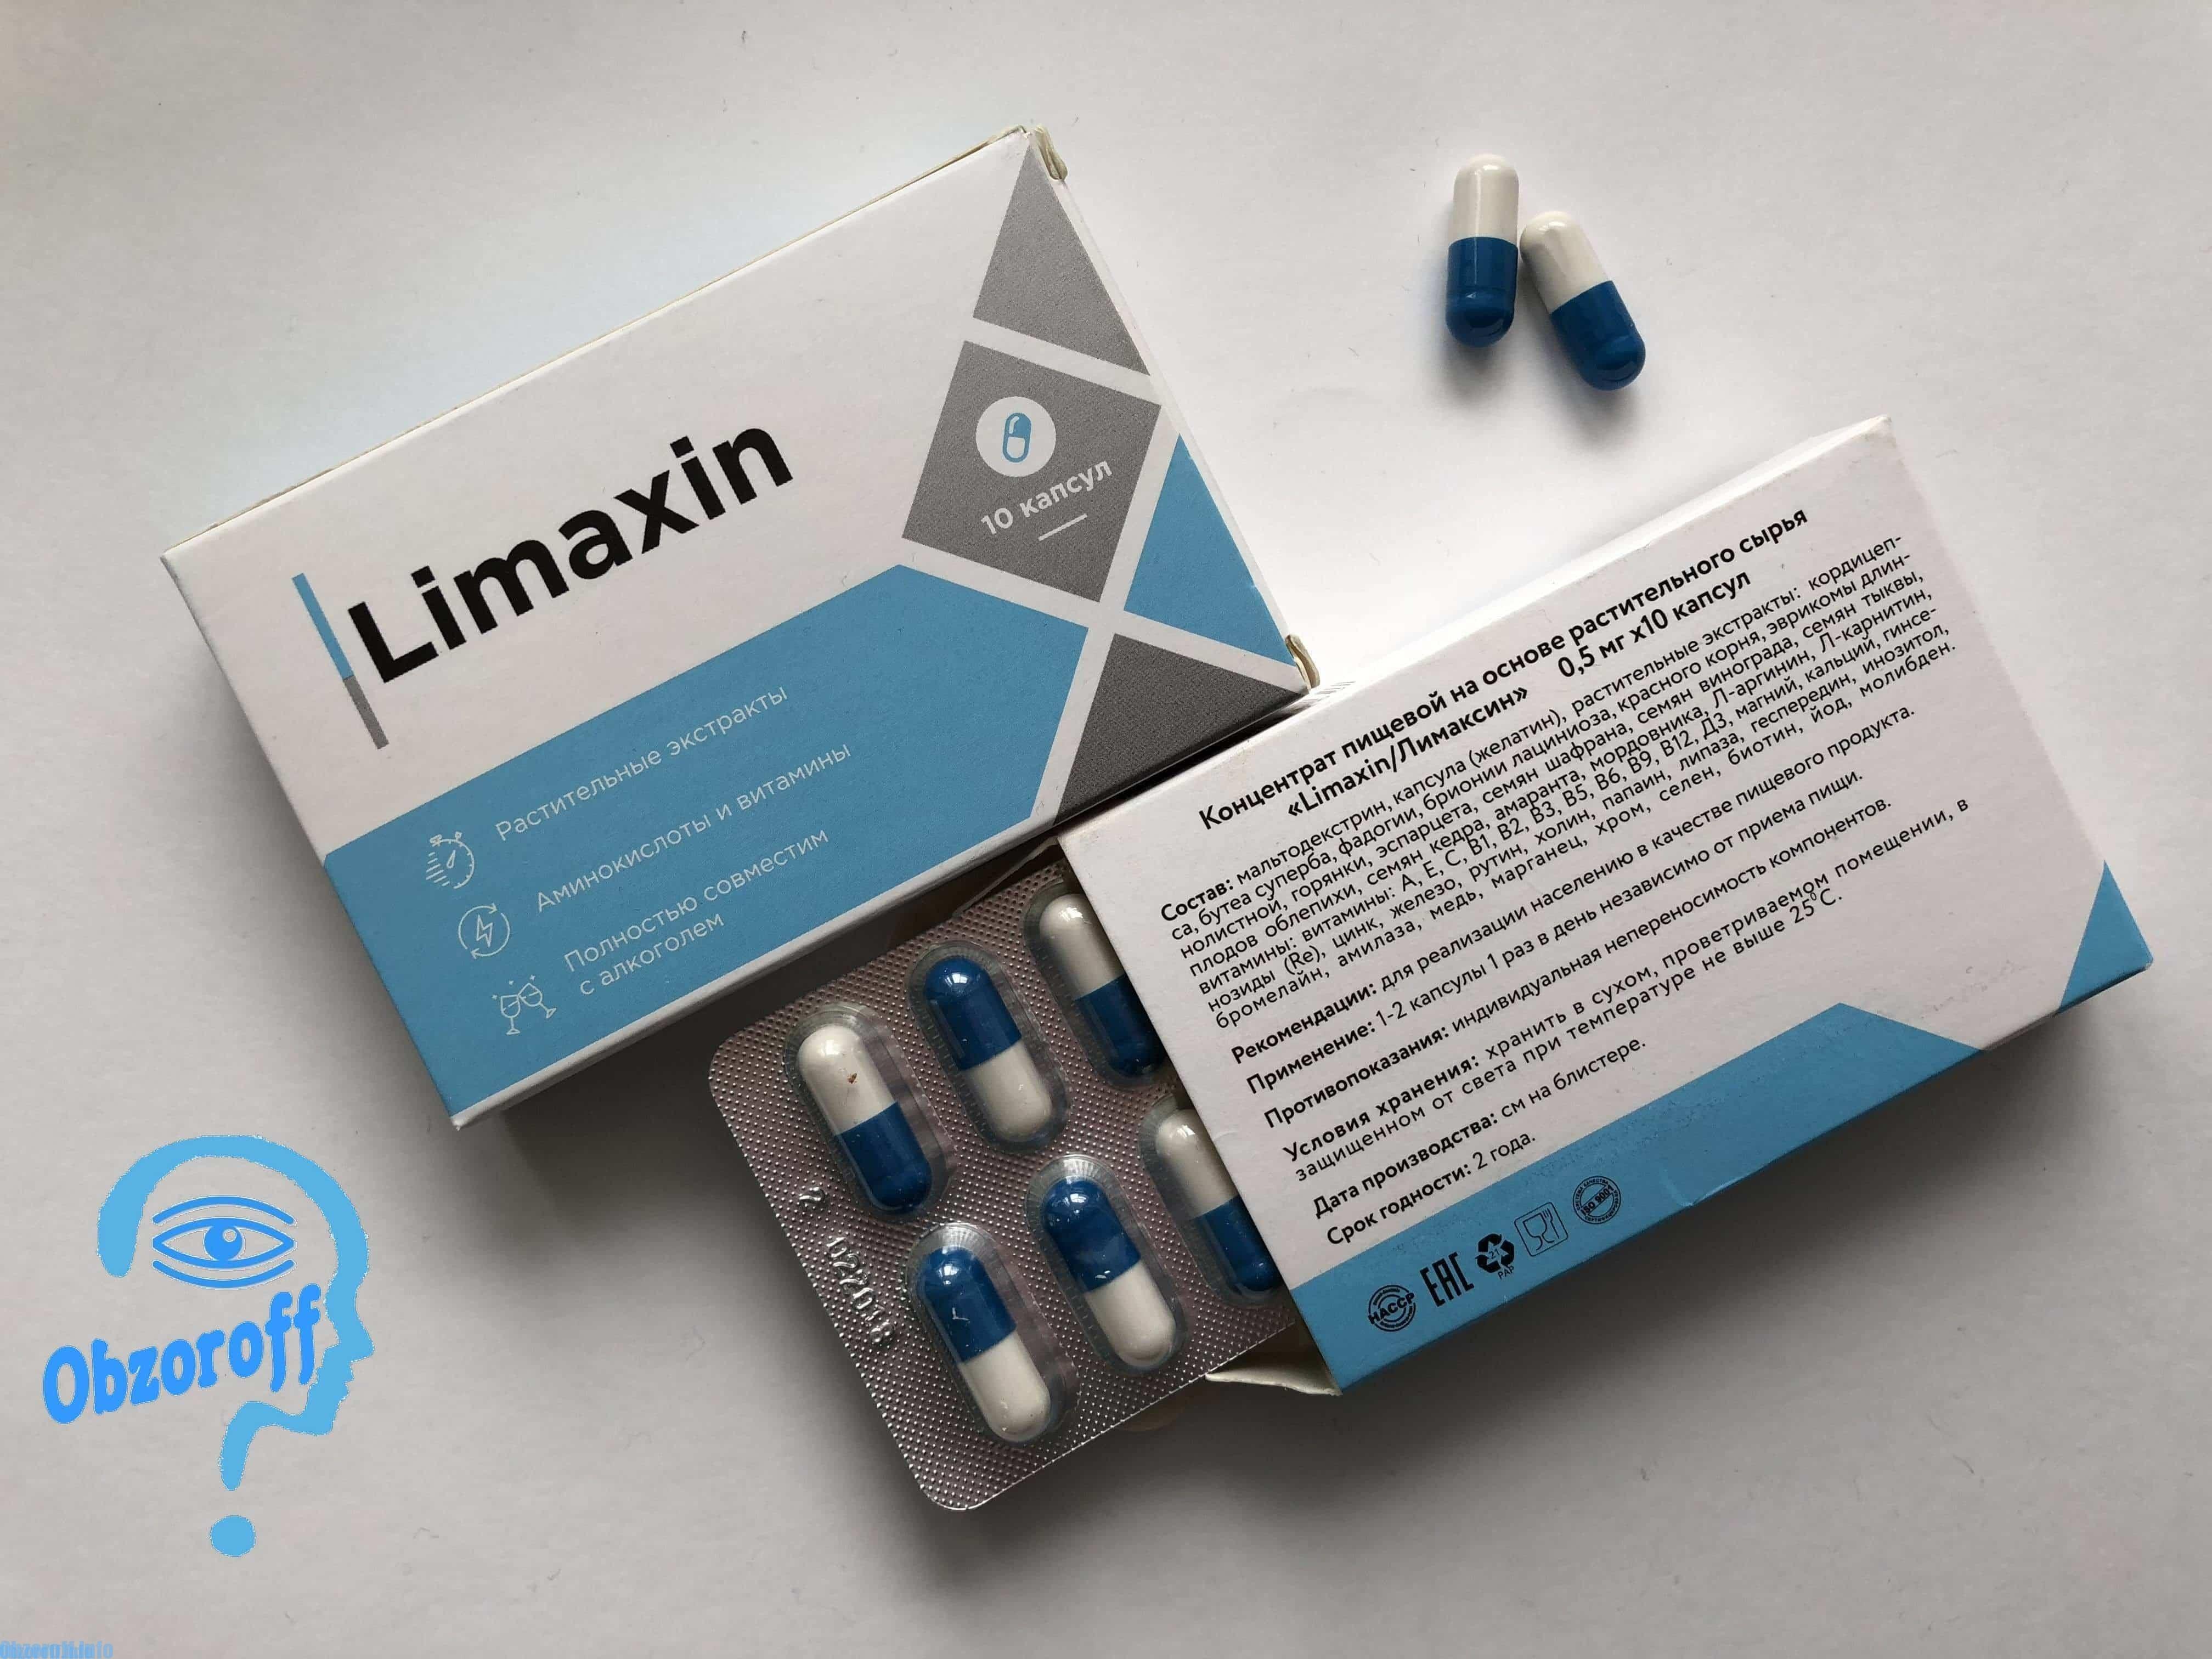 Σύνθεση κάψουλων Limaxin